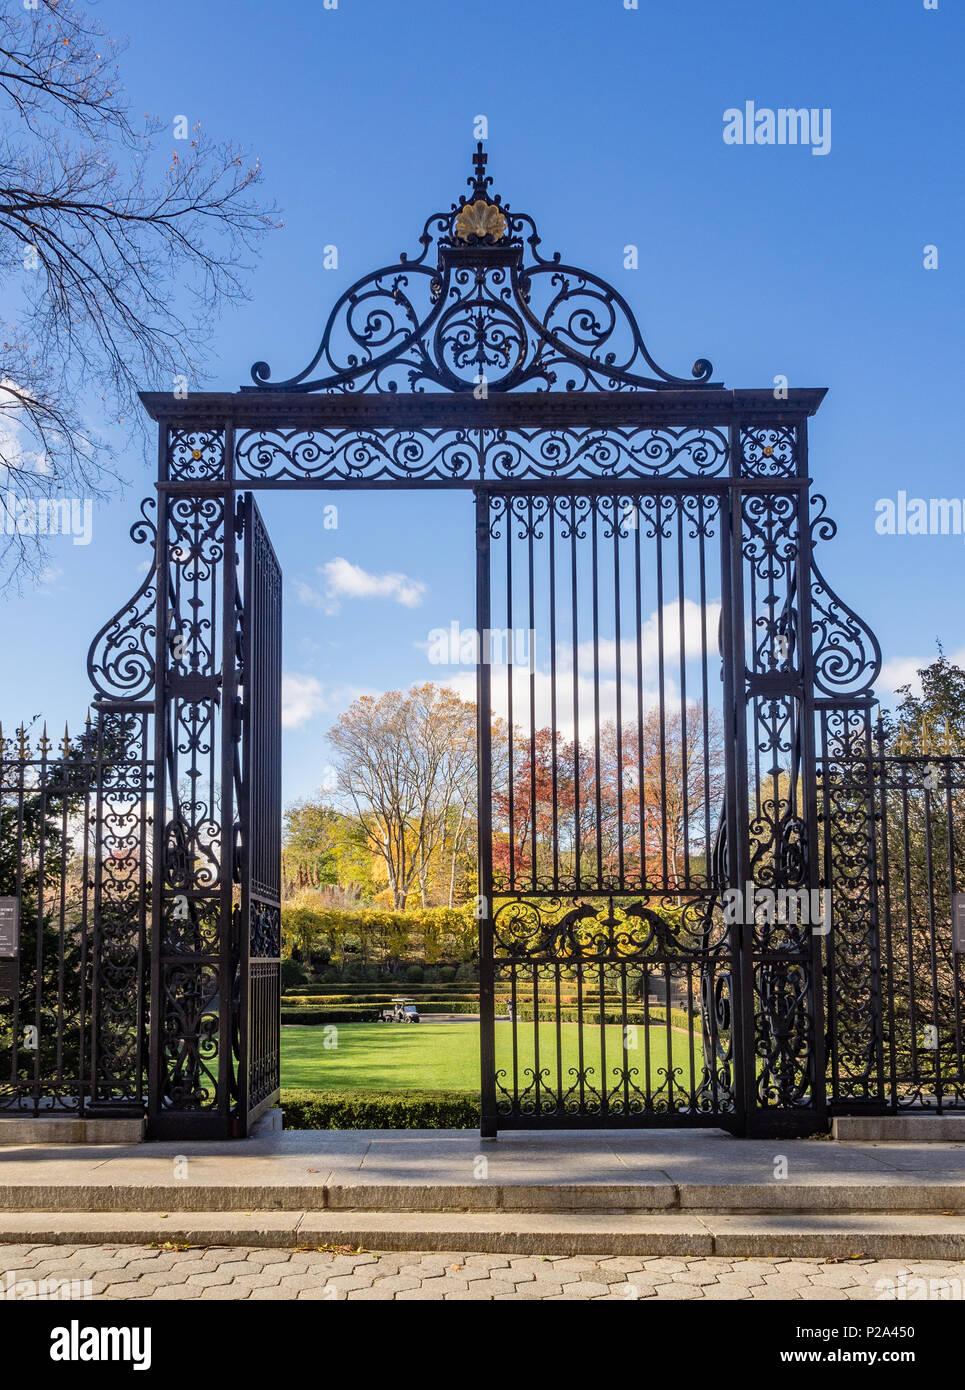 Vanderbilt Gate entrance to Central Park Conservatory, New ...